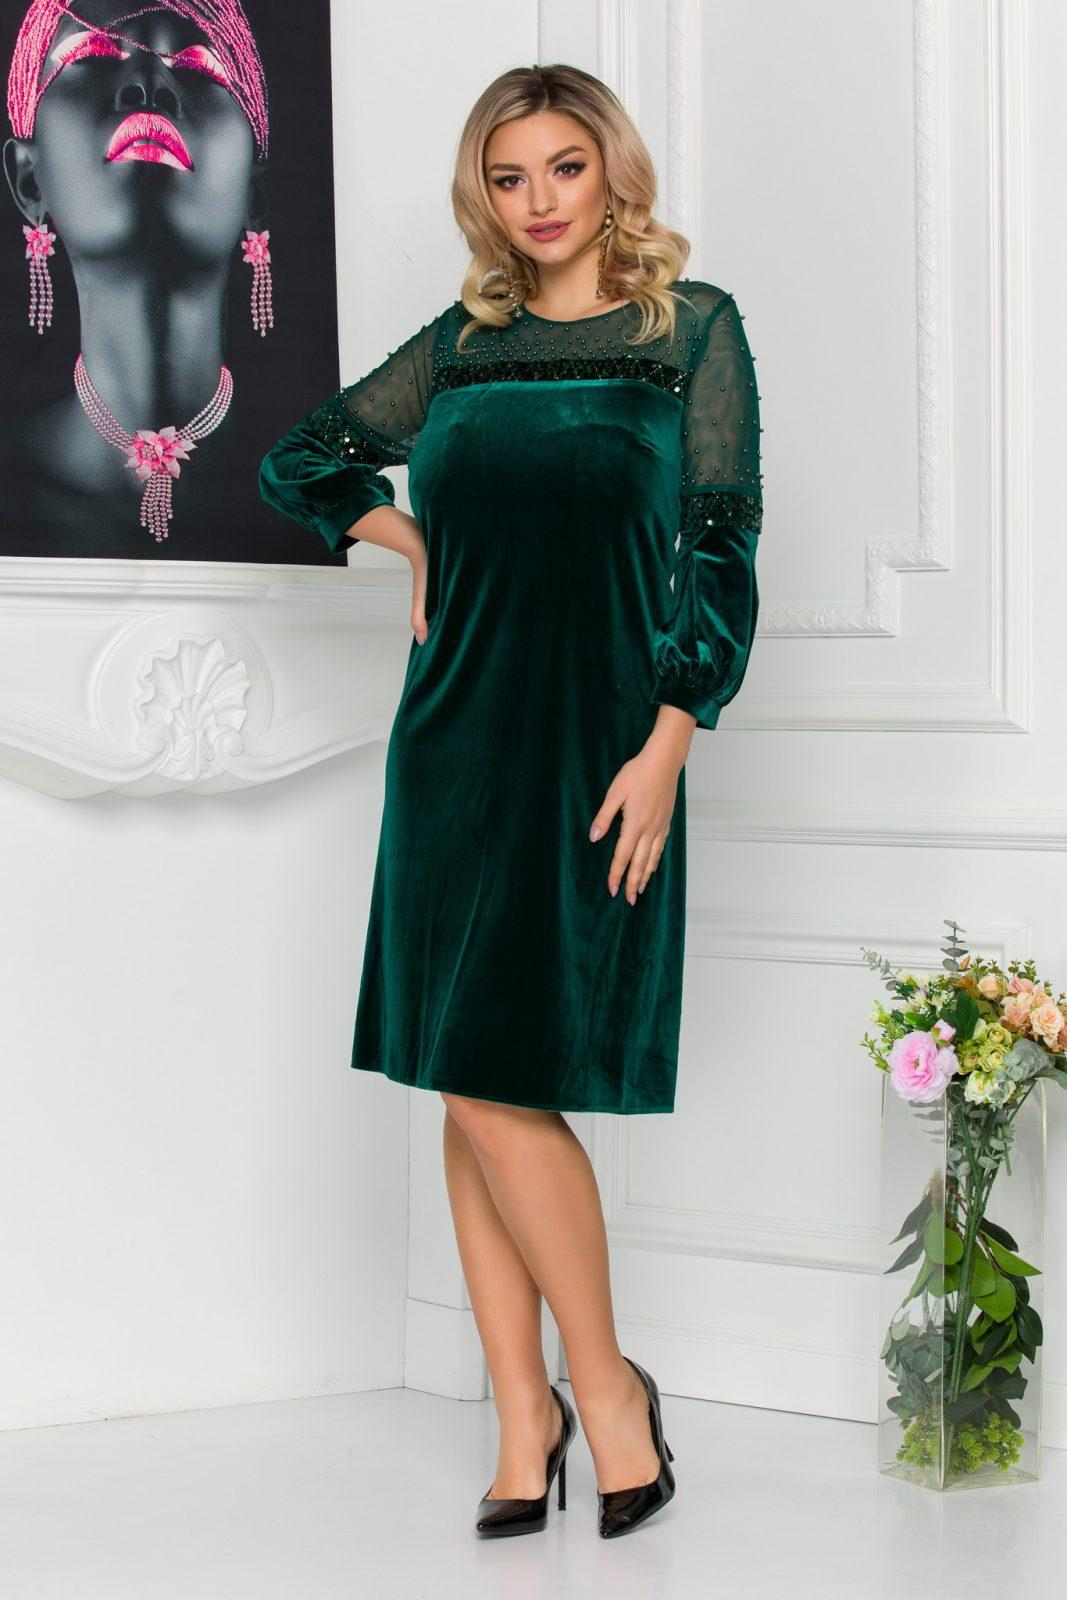 Πράσινο Βραδινό Φόρεμα Kiara 8804 2